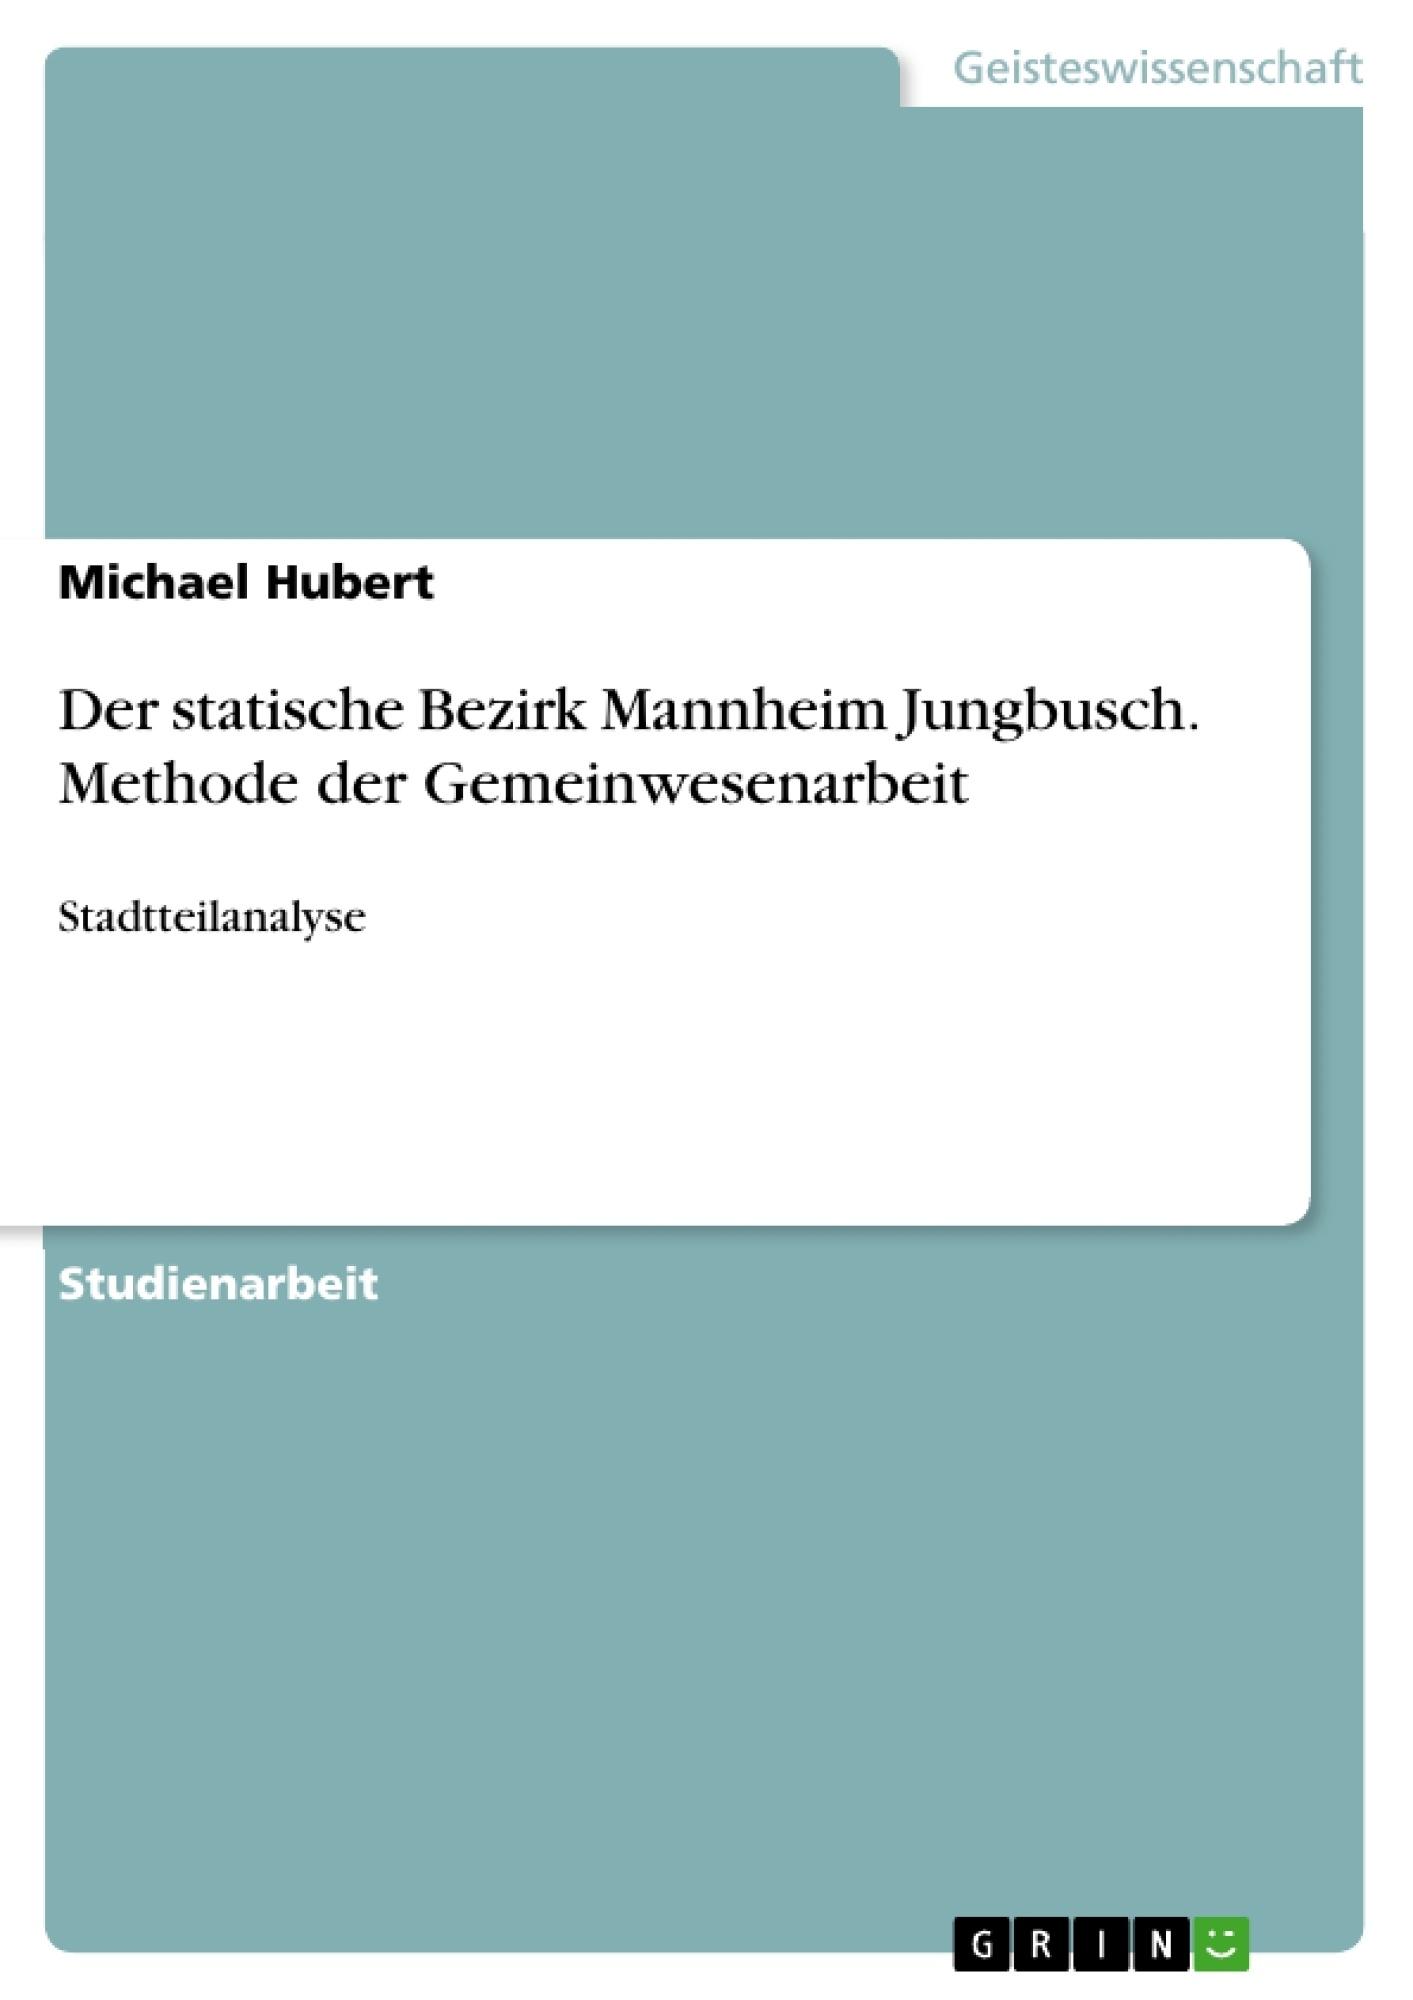 Titel: Der statische Bezirk Mannheim Jungbusch. Methode der Gemeinwesenarbeit